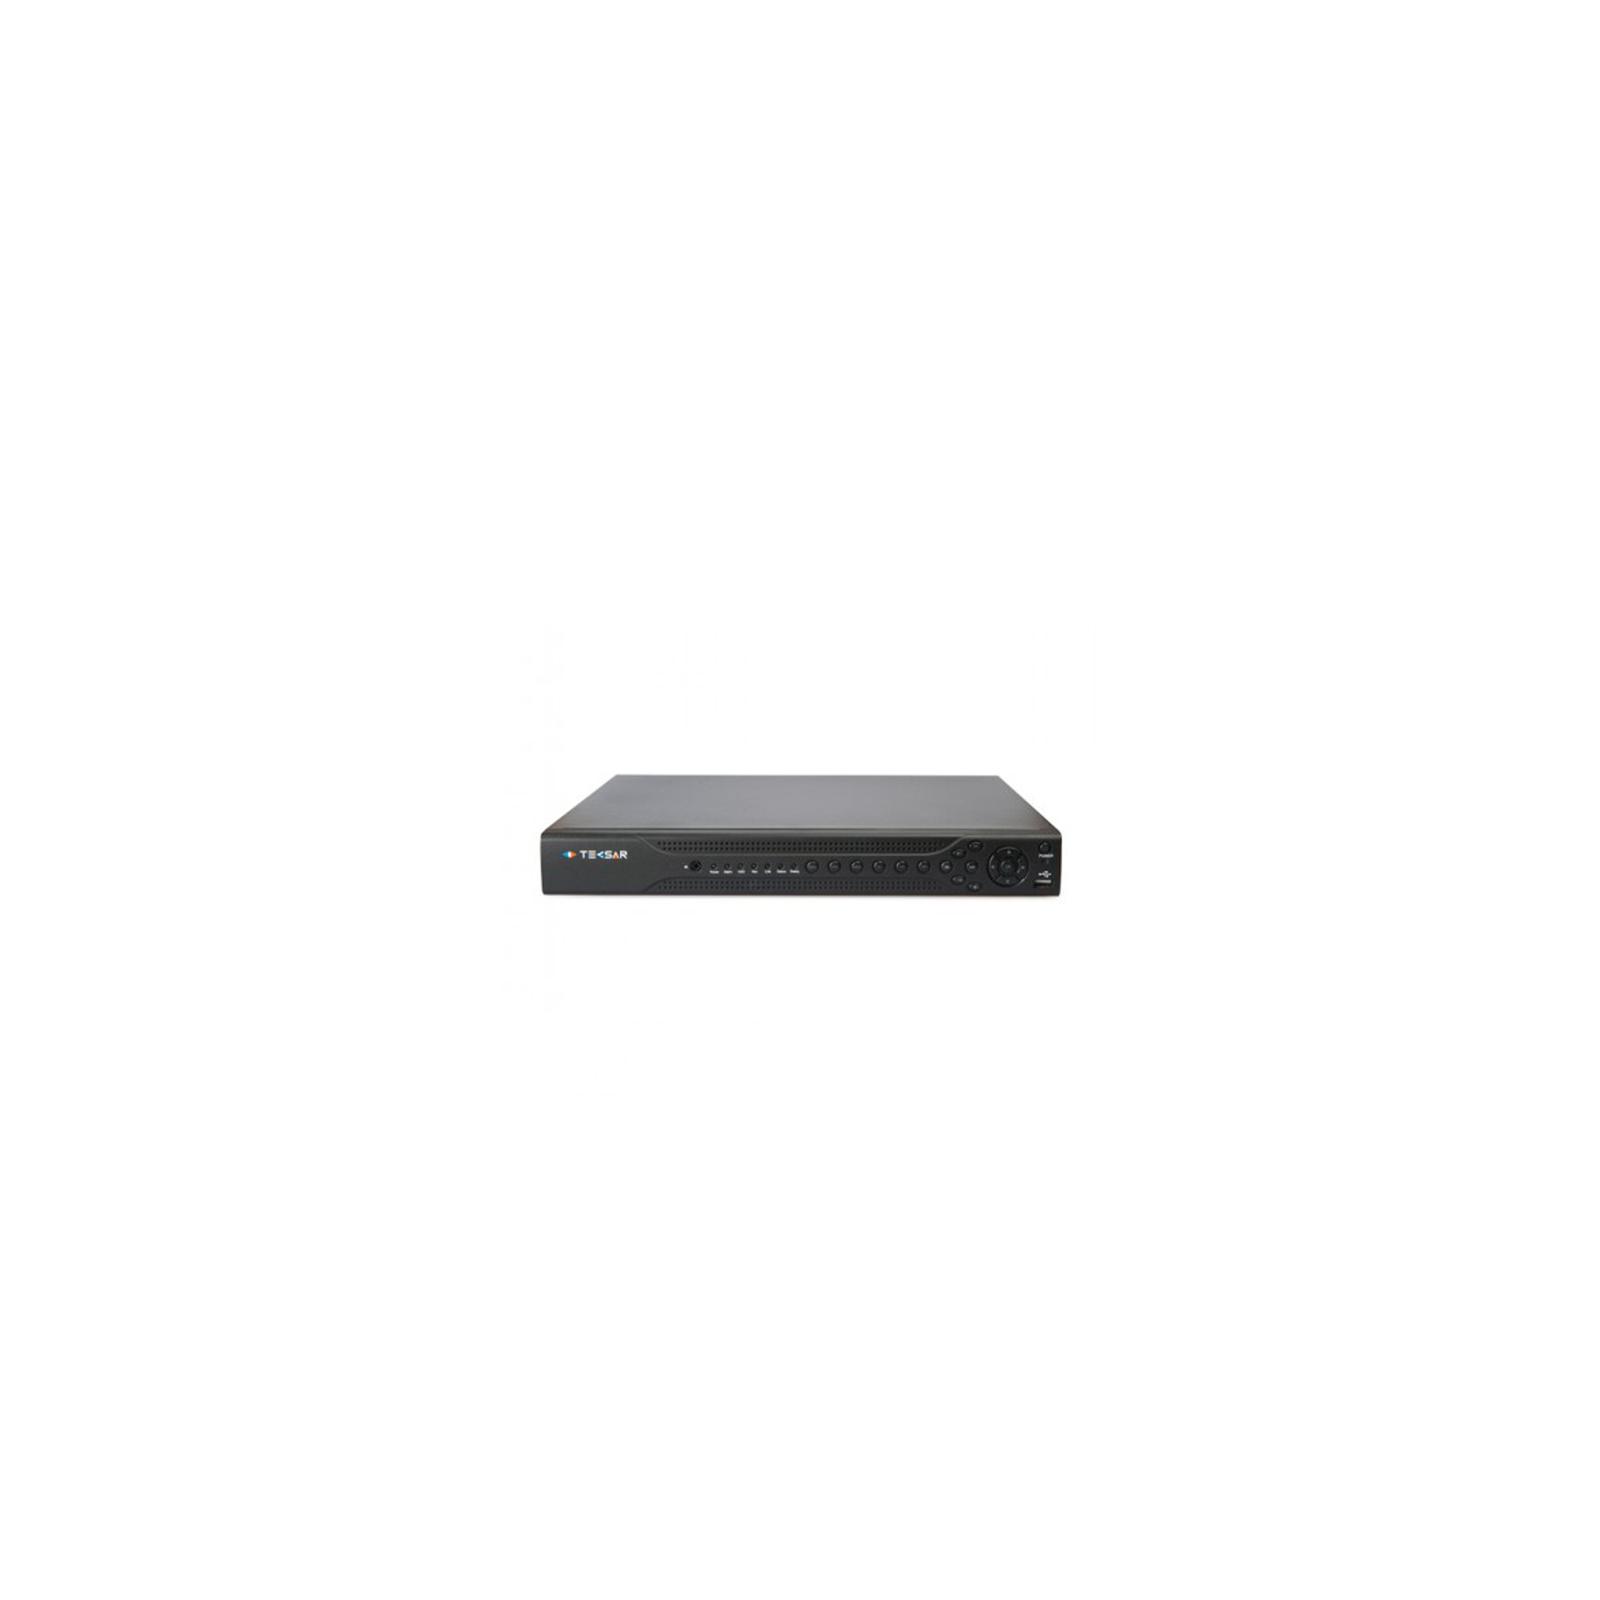 Регистратор для видеонаблюдения Tecsar HDVR L164-2FHD2P-H (6702) изображение 2